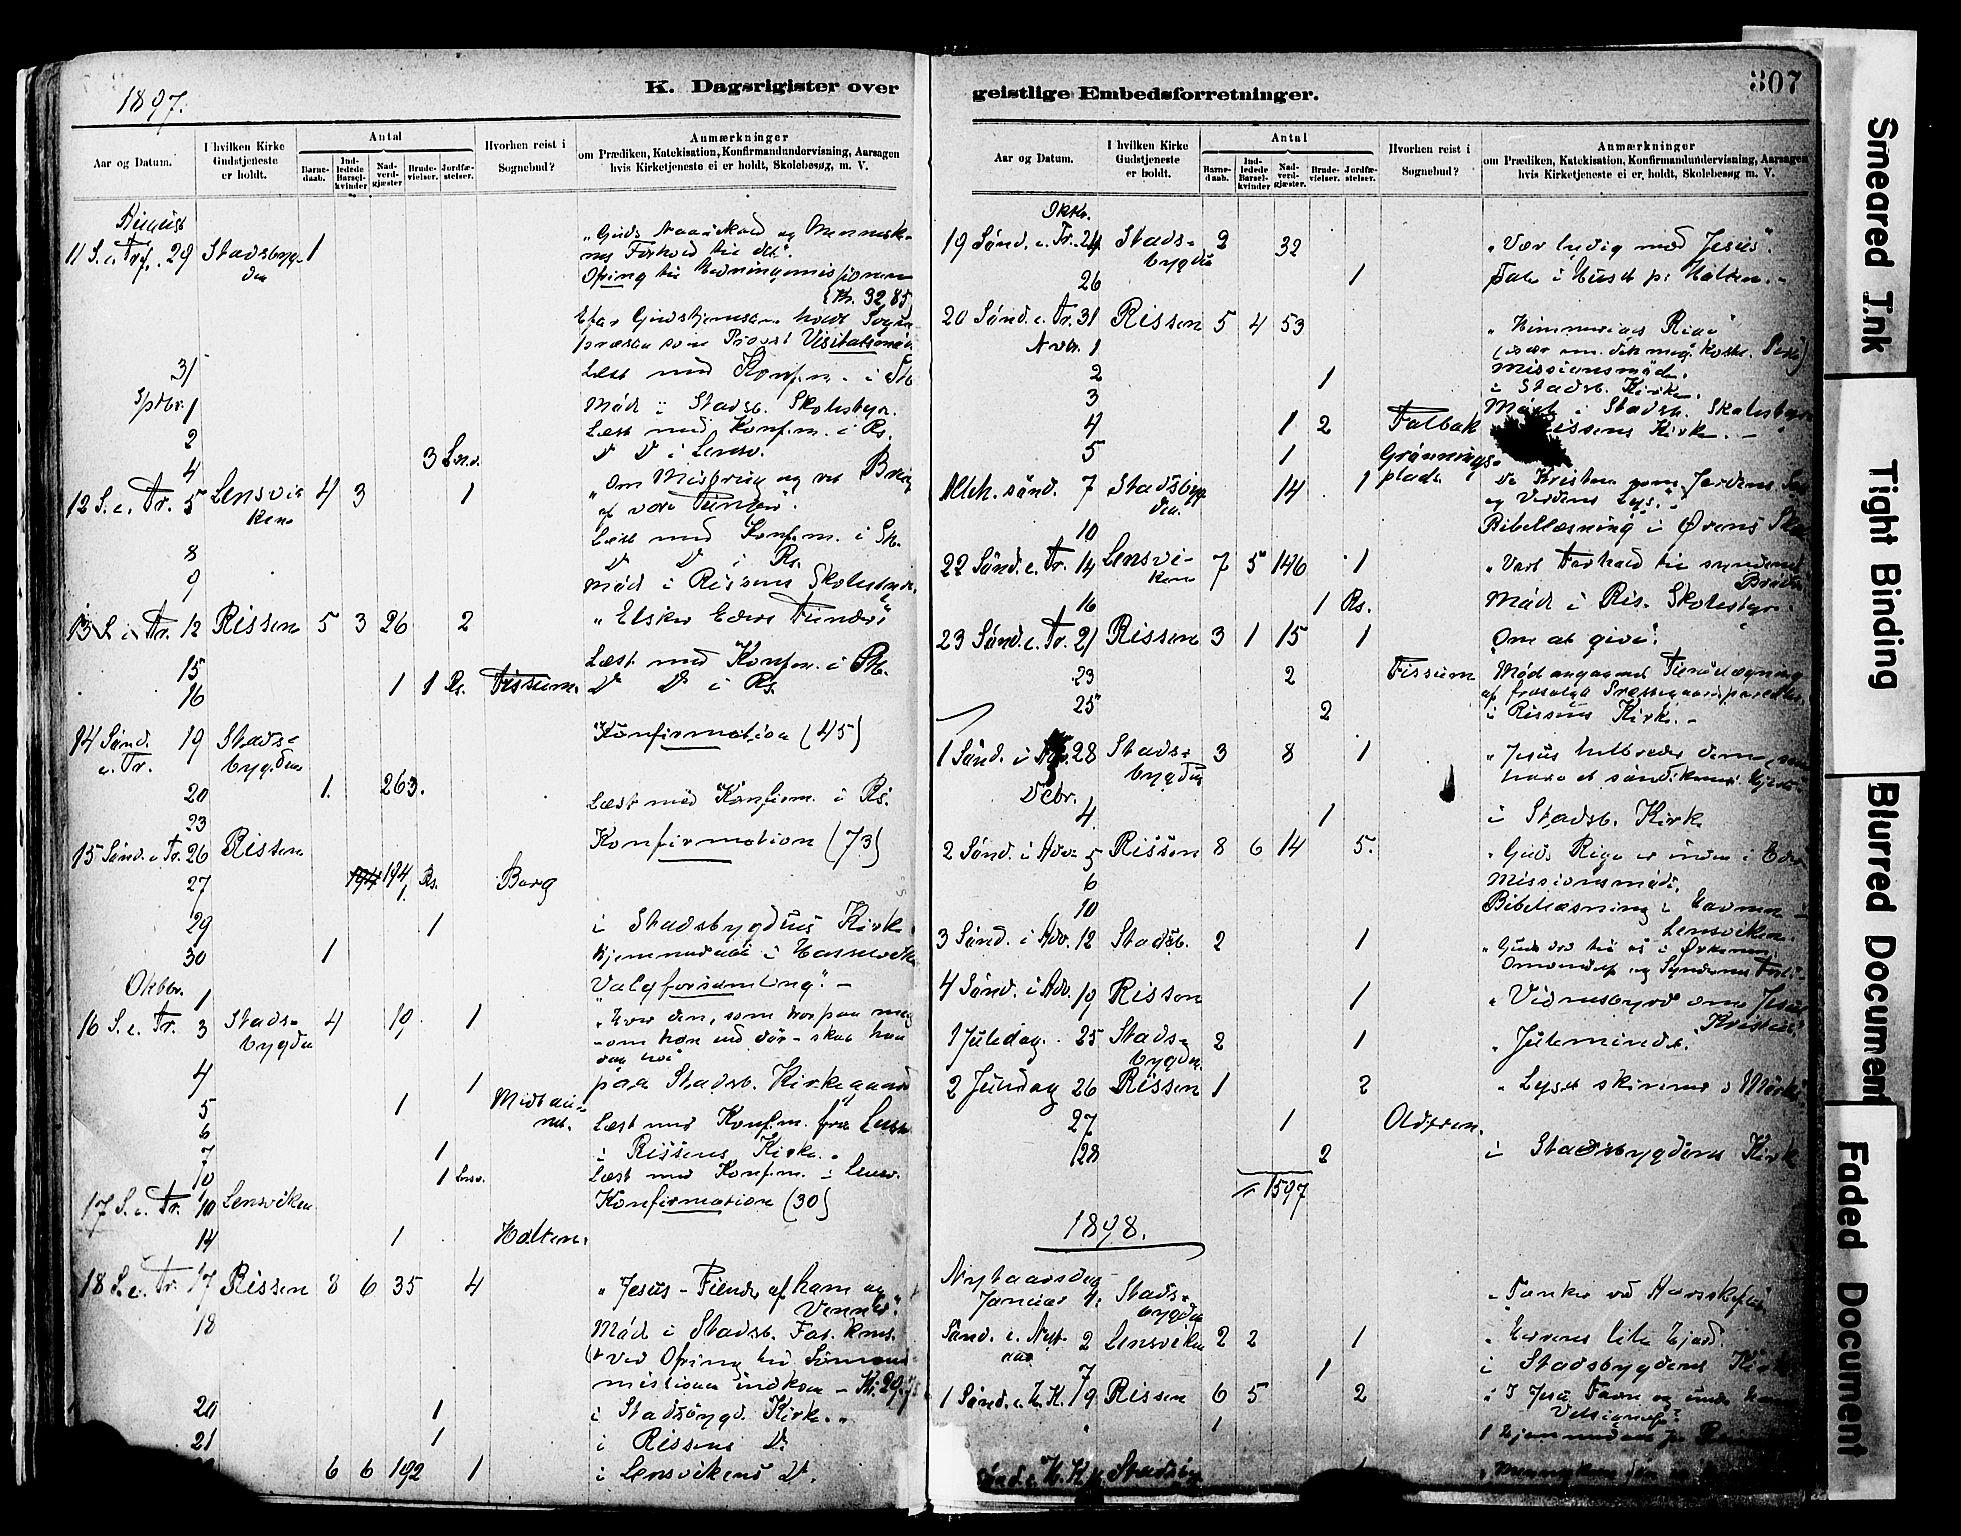 SAT, Ministerialprotokoller, klokkerbøker og fødselsregistre - Sør-Trøndelag, 646/L0615: Ministerialbok nr. 646A13, 1885-1900, s. 307